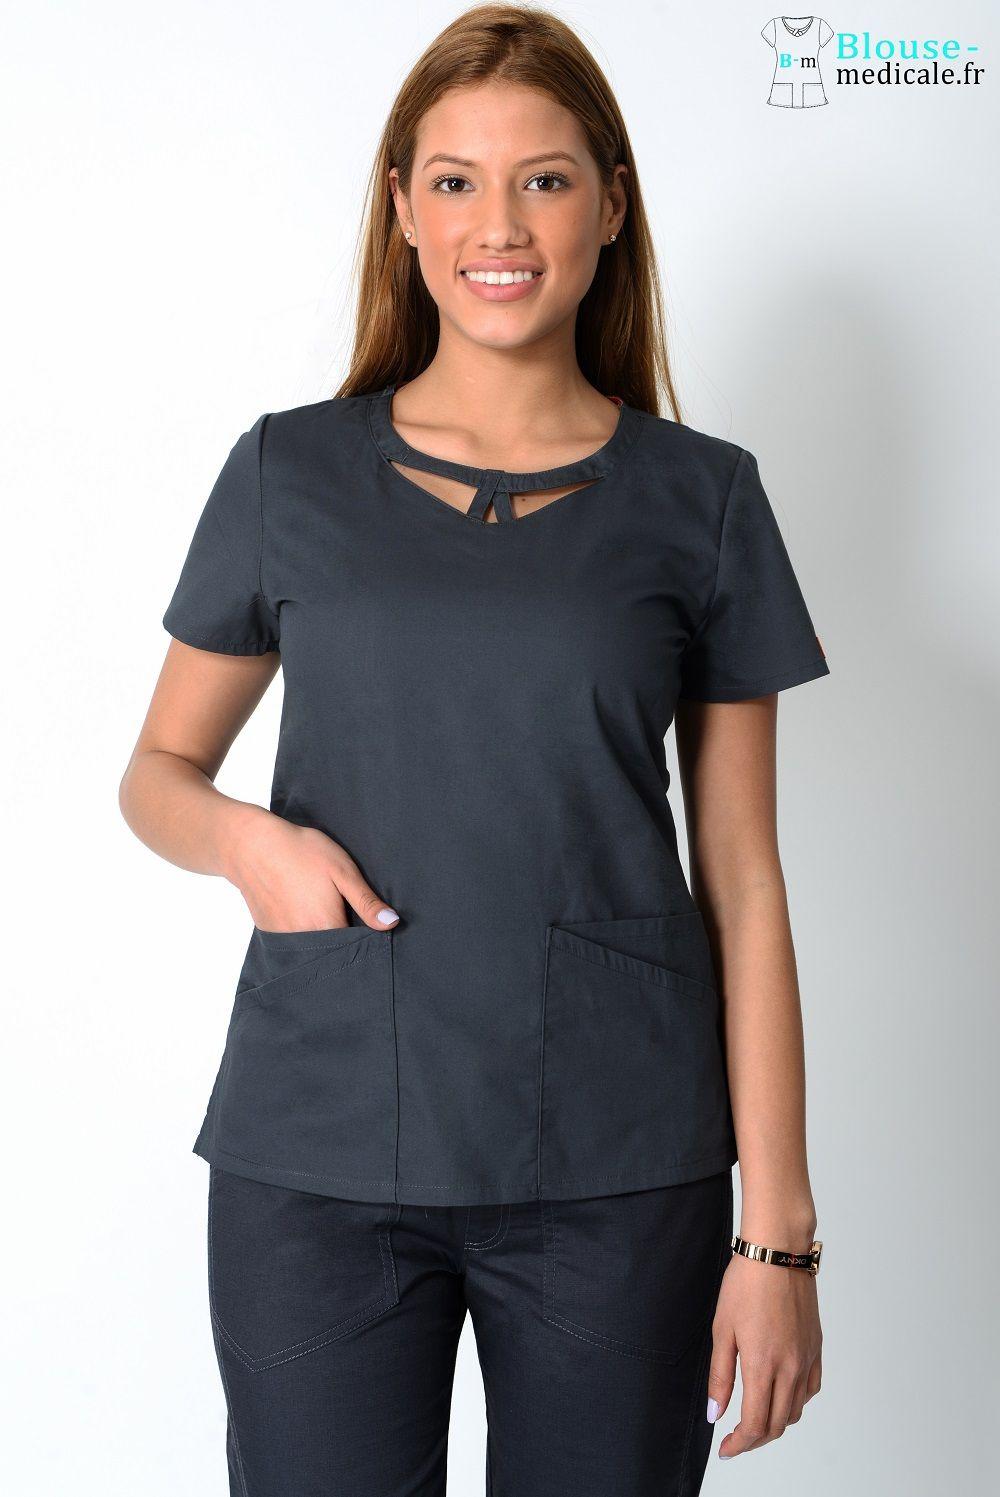 blouse medicale dickies femme 85810 gris